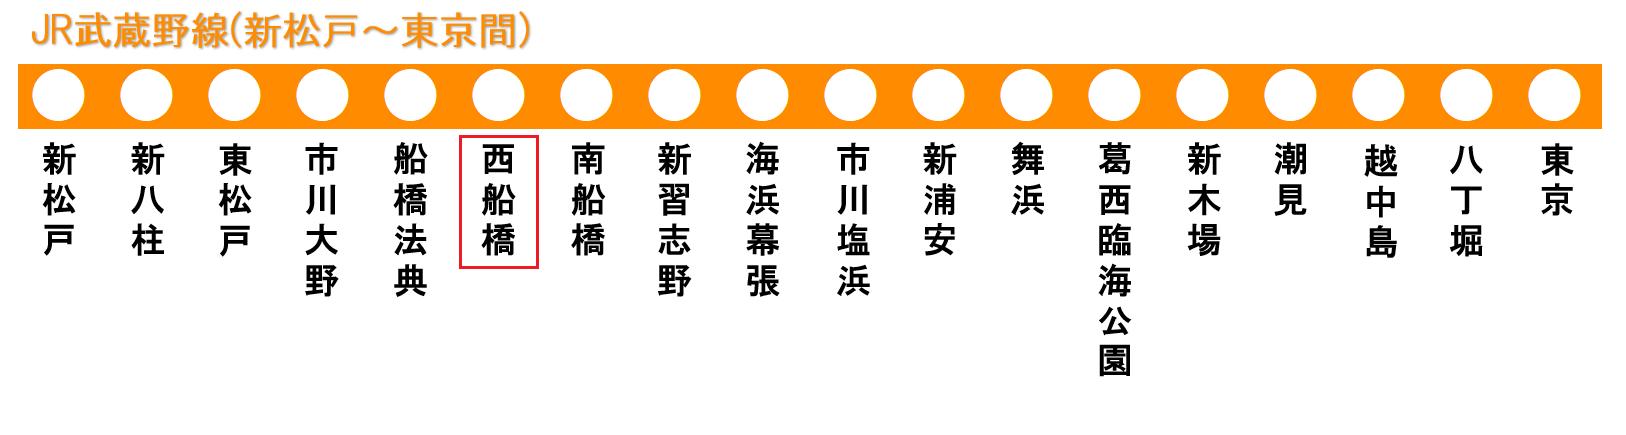 図 路線 武蔵野 線